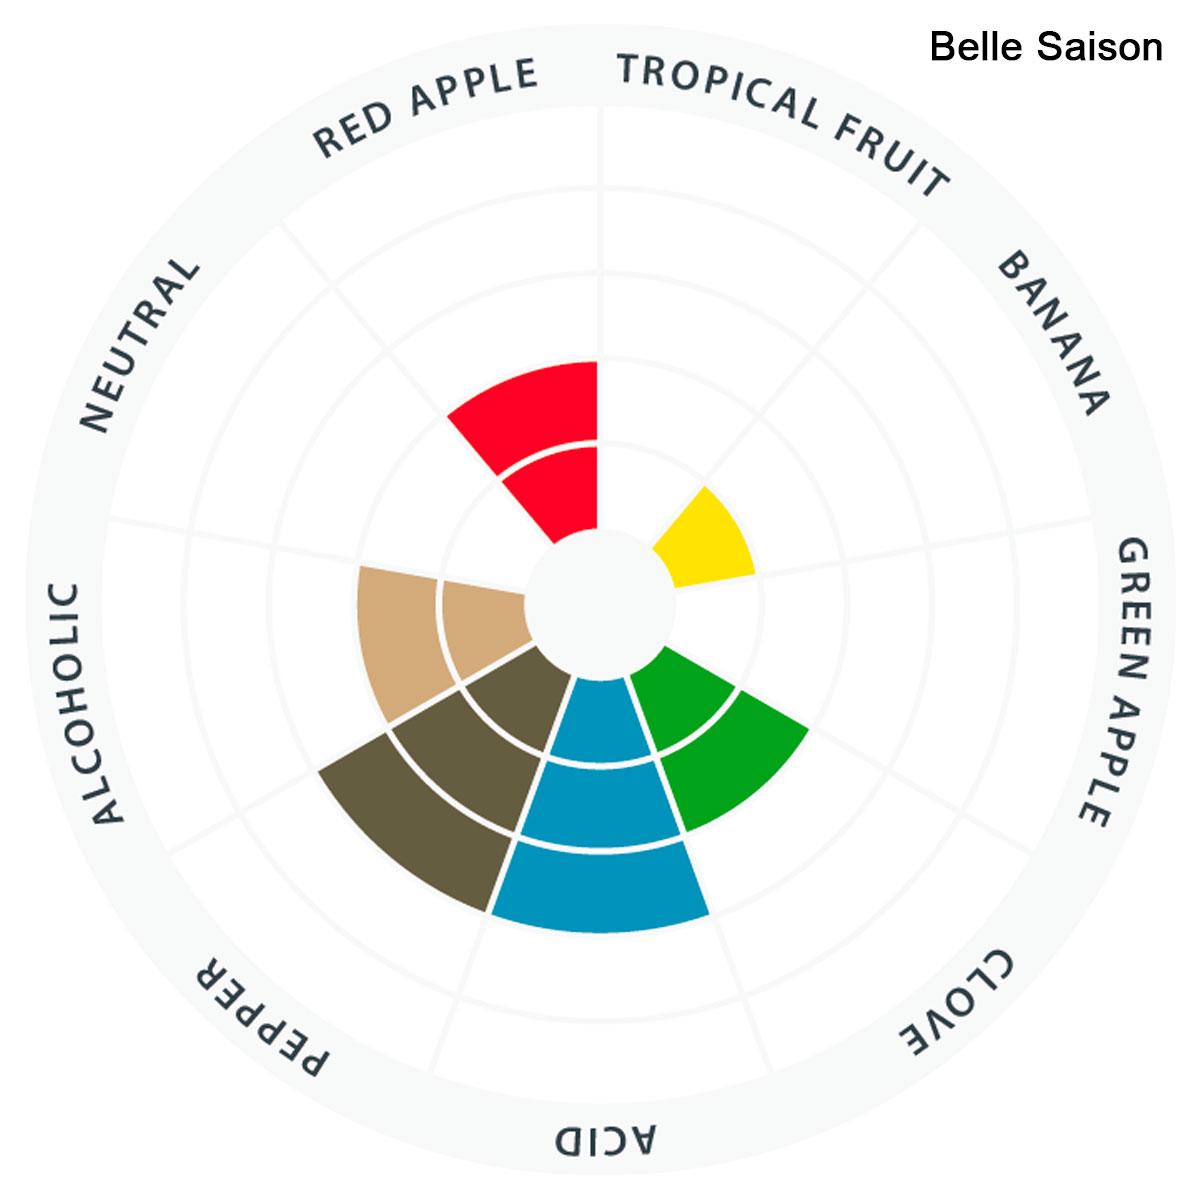 Levedura Fermento Cerveja Lallemand Belle Saison 11g